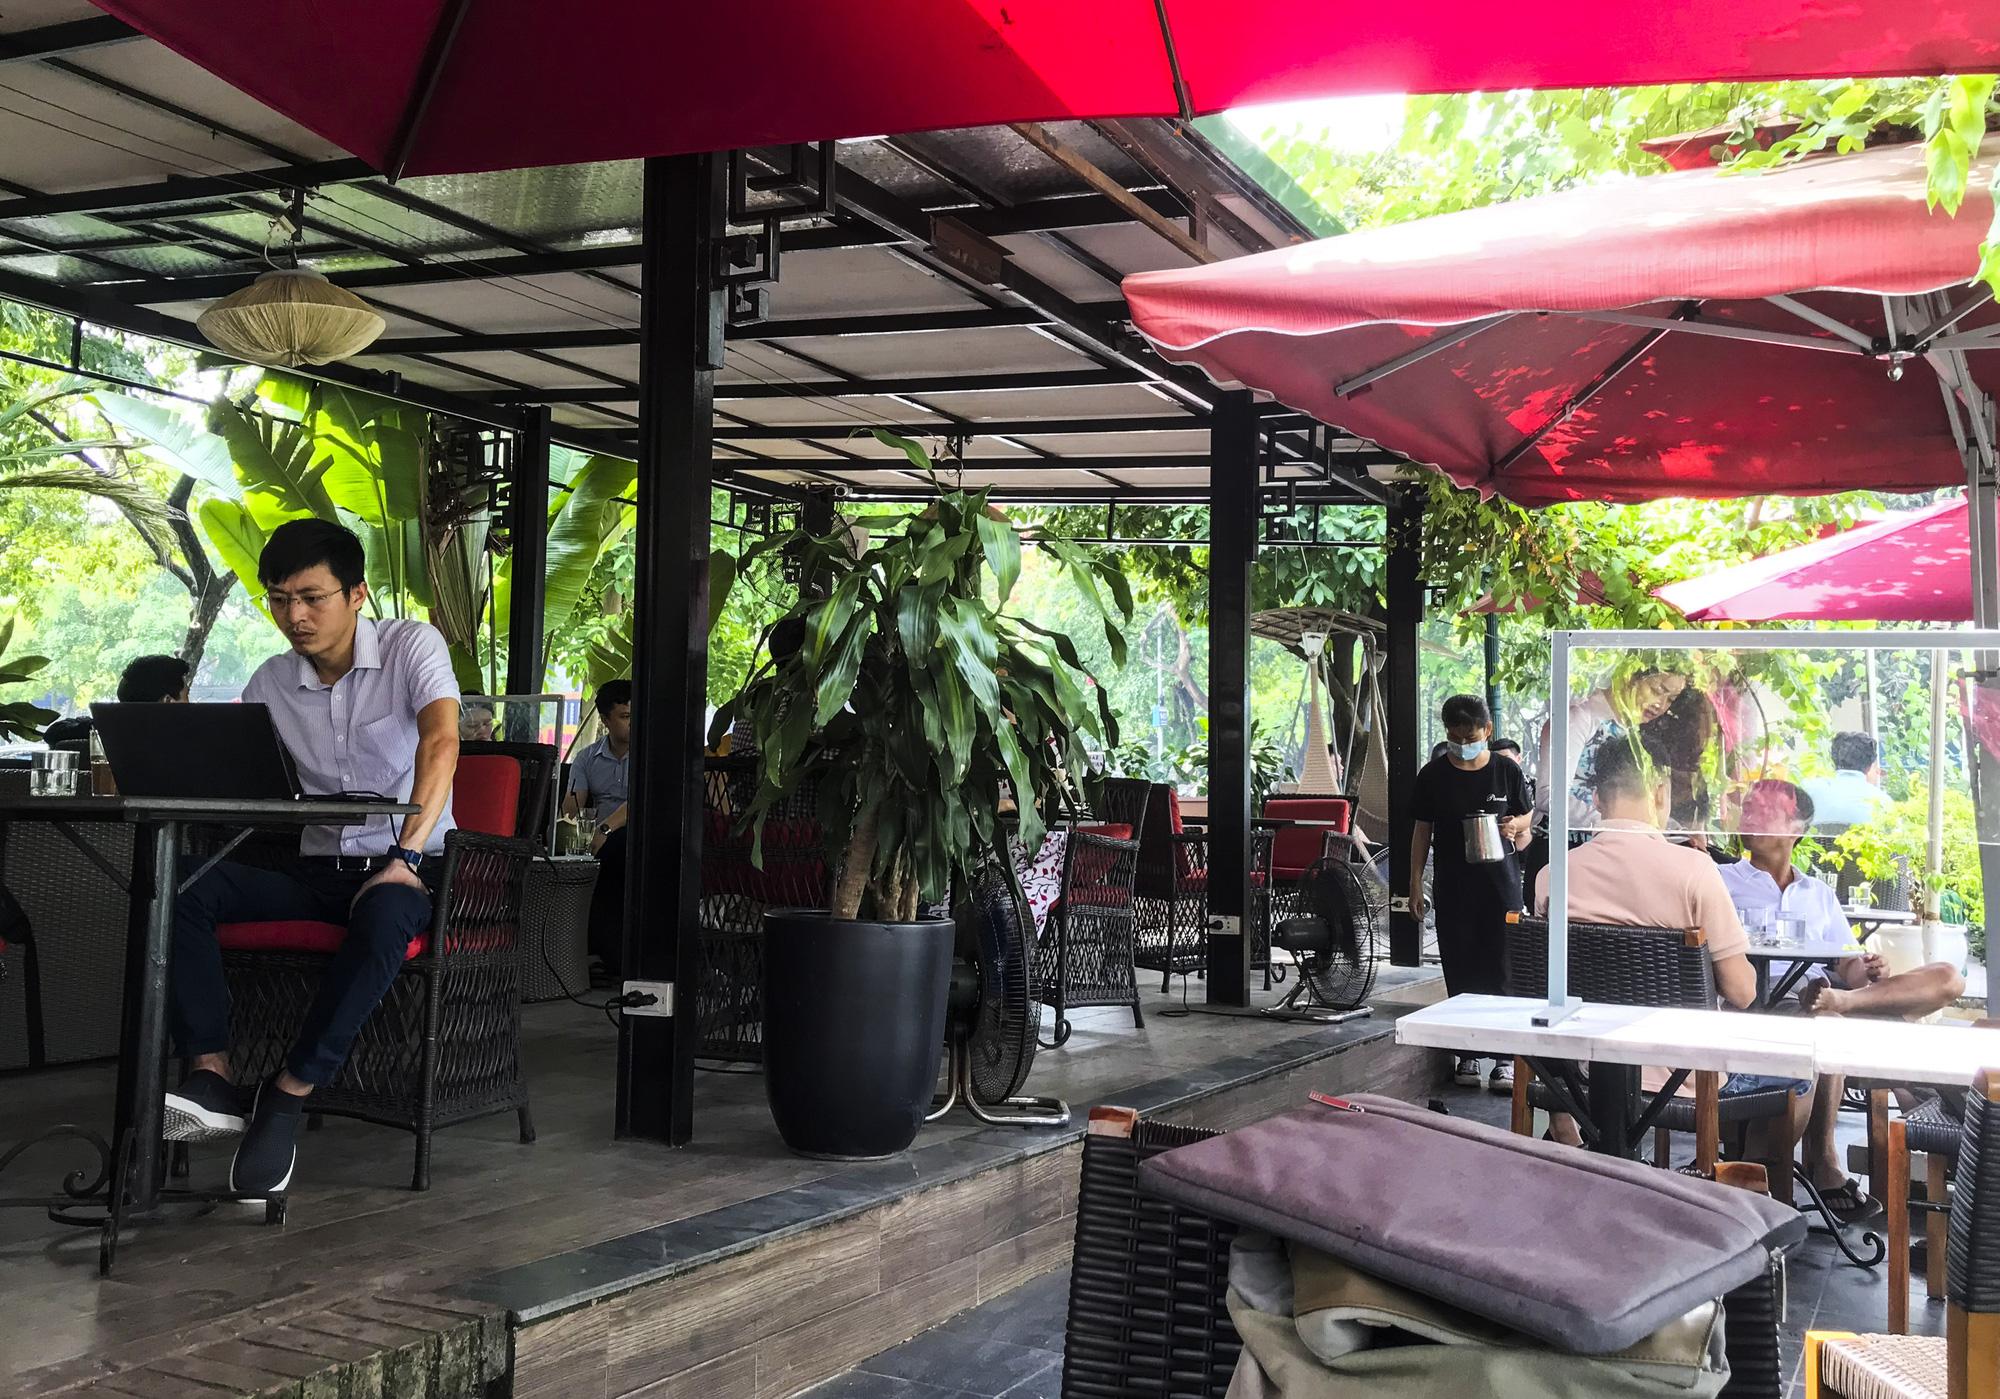 Hà Nội: Quán ăn, cà phê, tiệm tóc nhộn nhịp trong ngày đầu hoạt động trở lại - Ảnh 4.